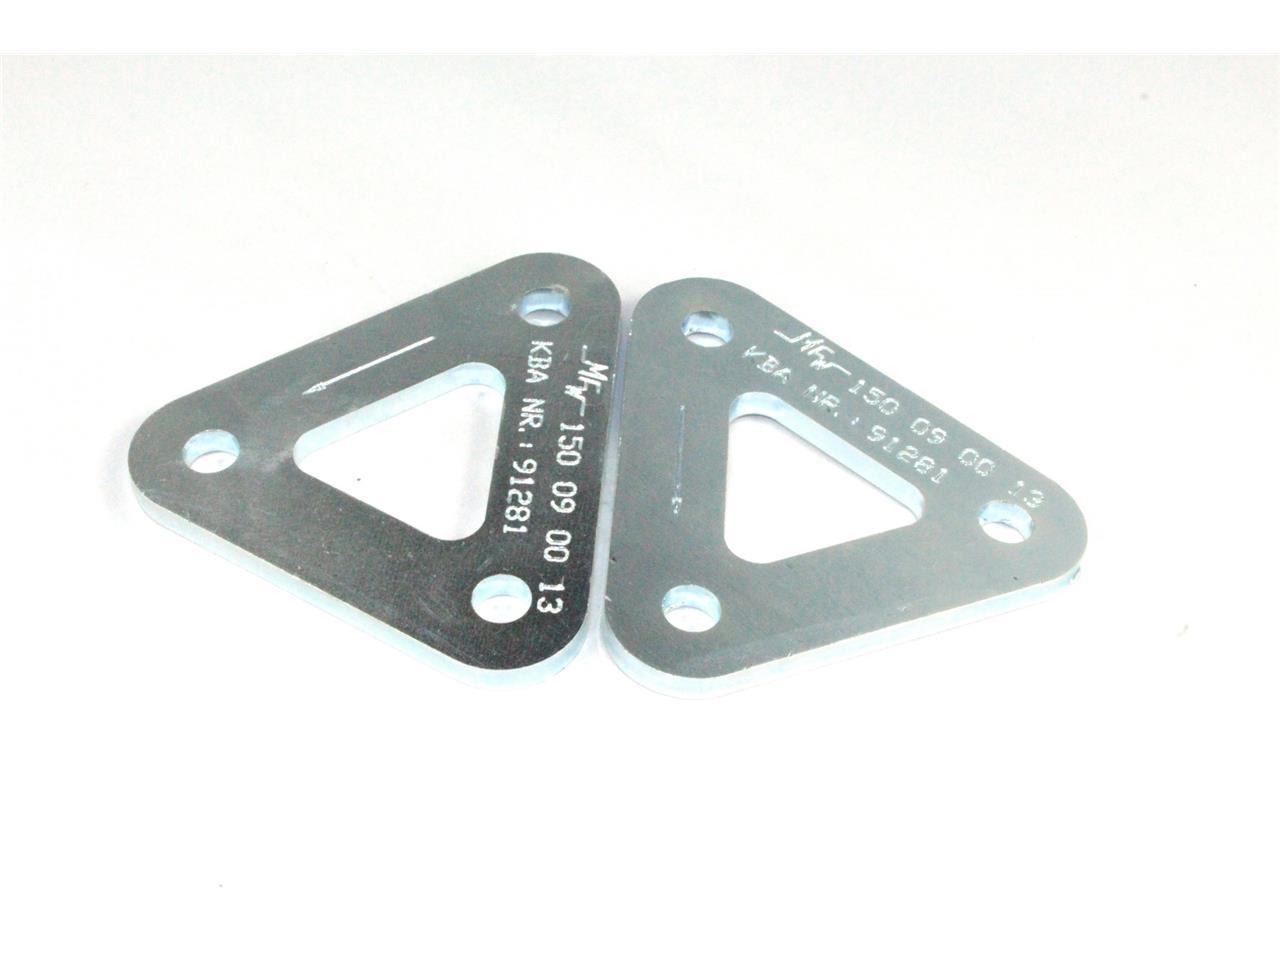 Kit rabaissement de selle -30 mm Tecnium pour Honda VFR 800 03-13